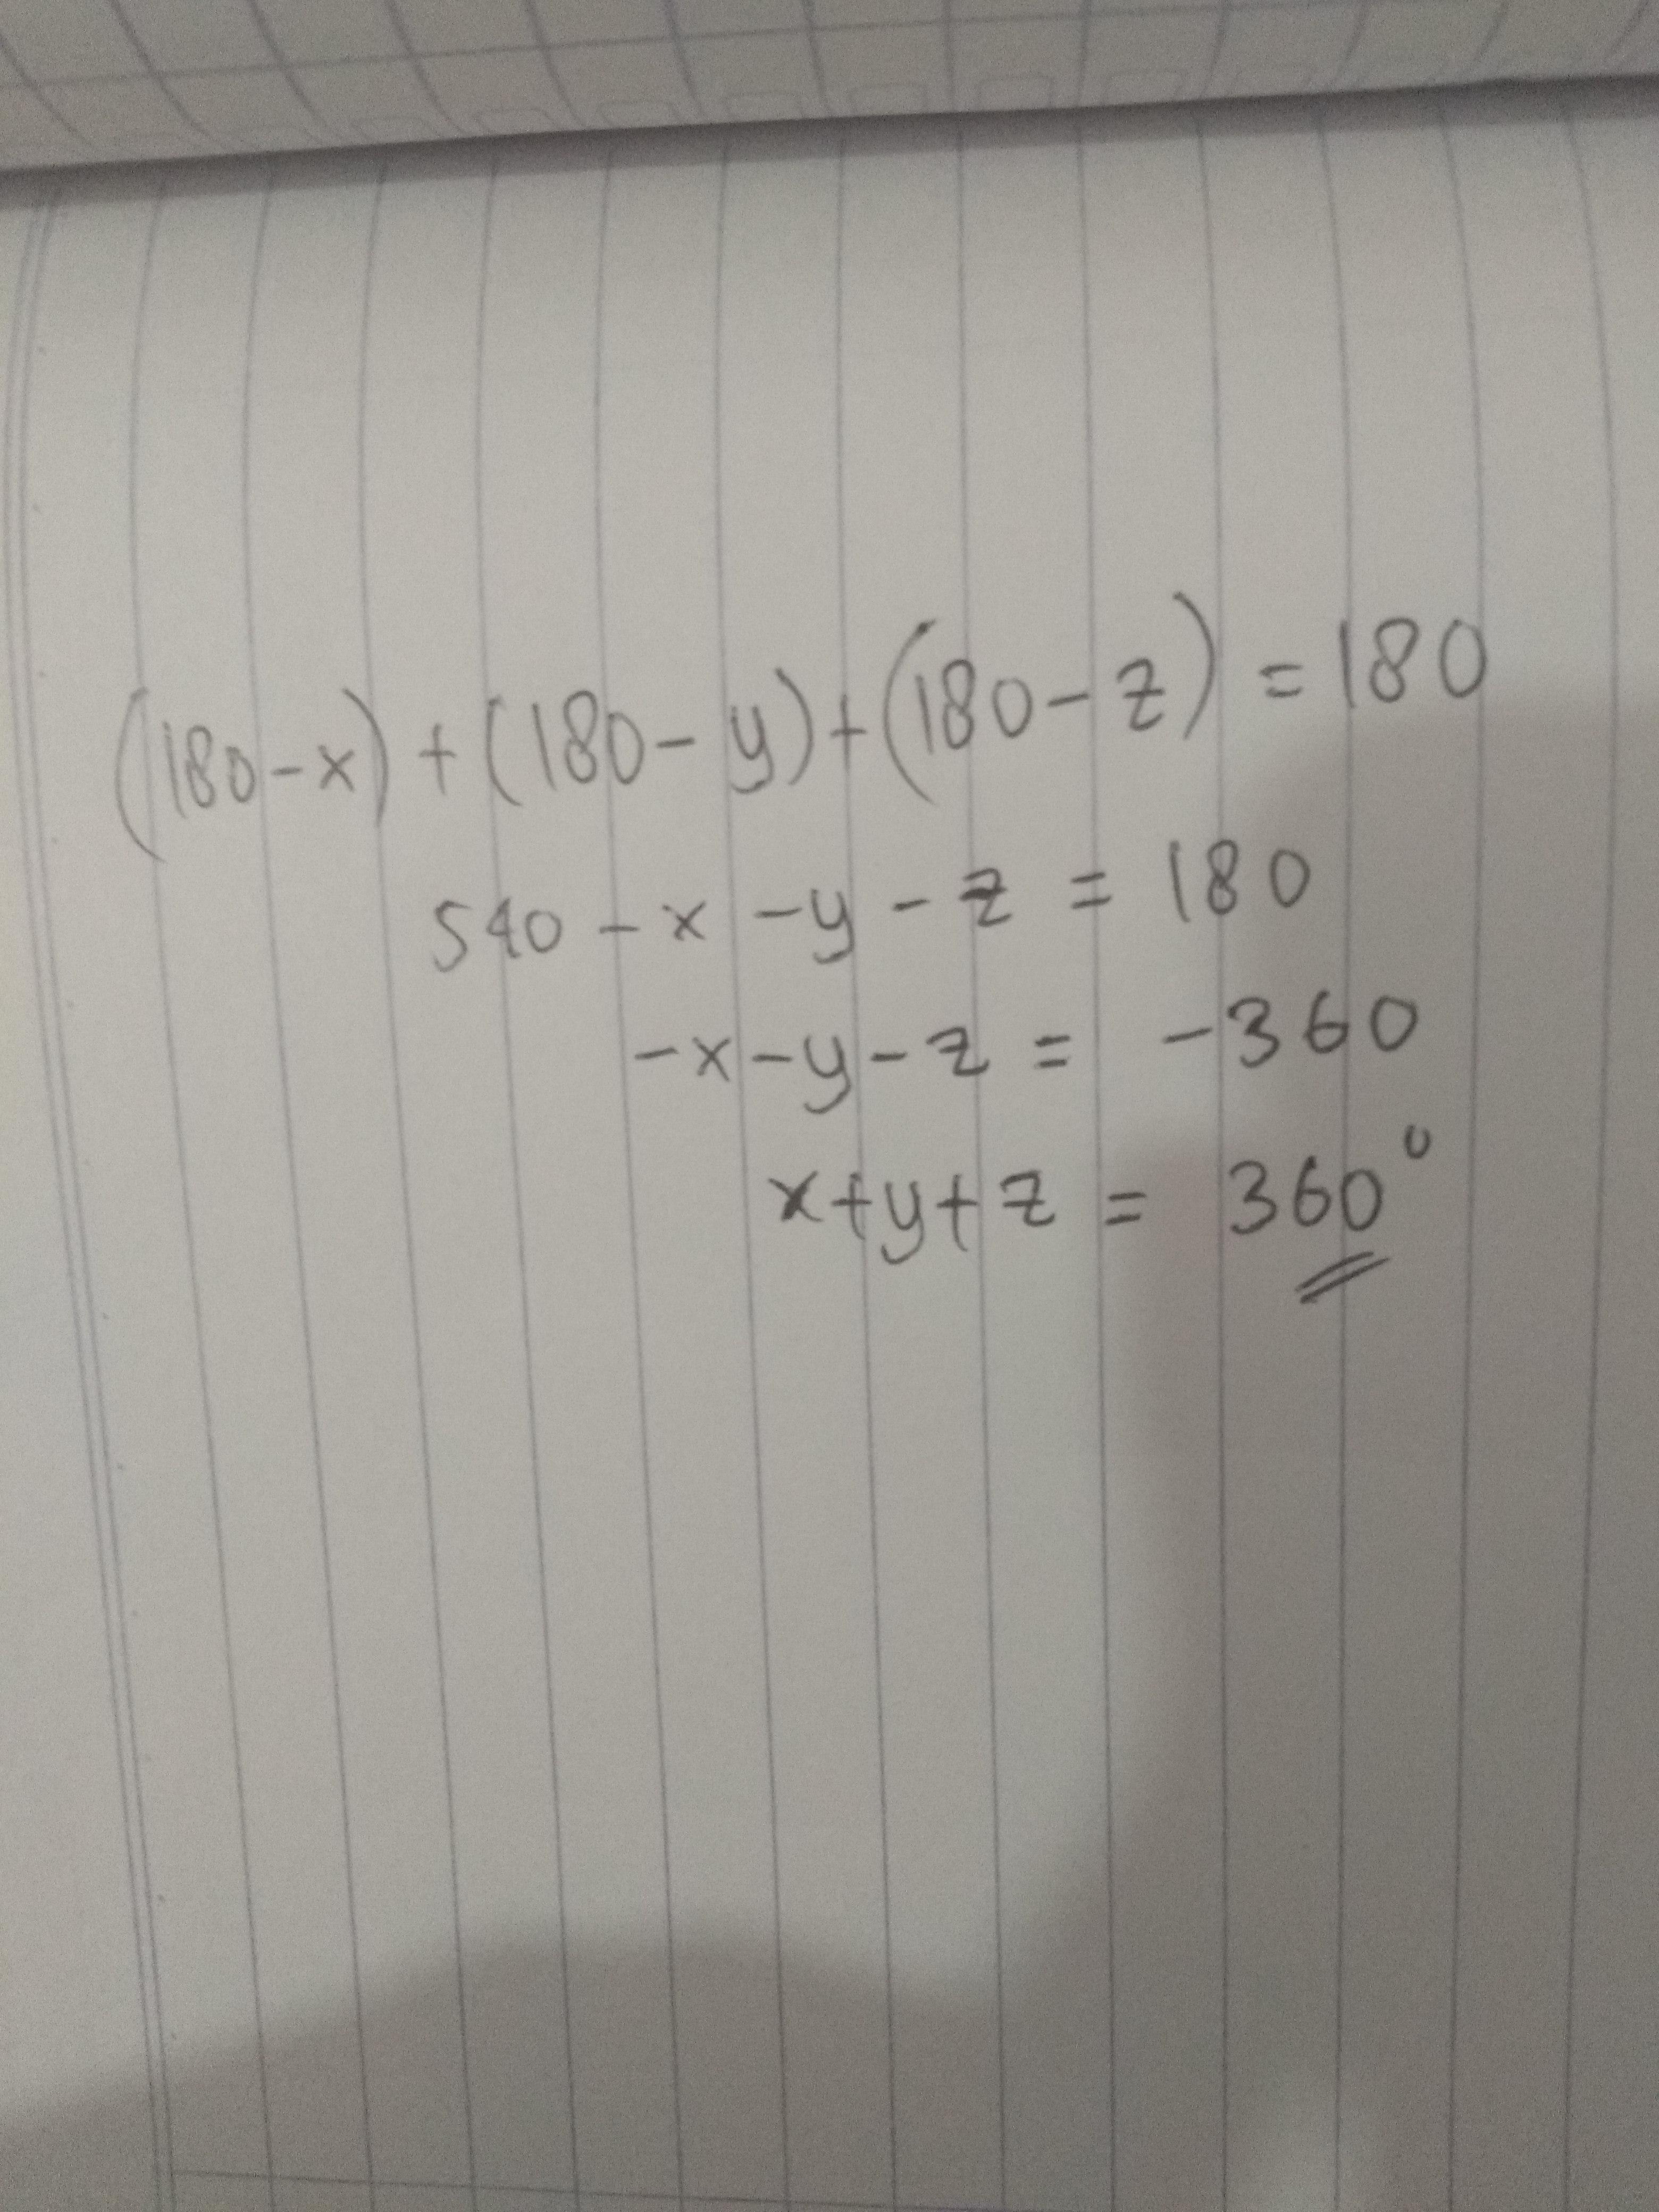 tentukan jumlah nilai x+y+z! - Brainly.co.id